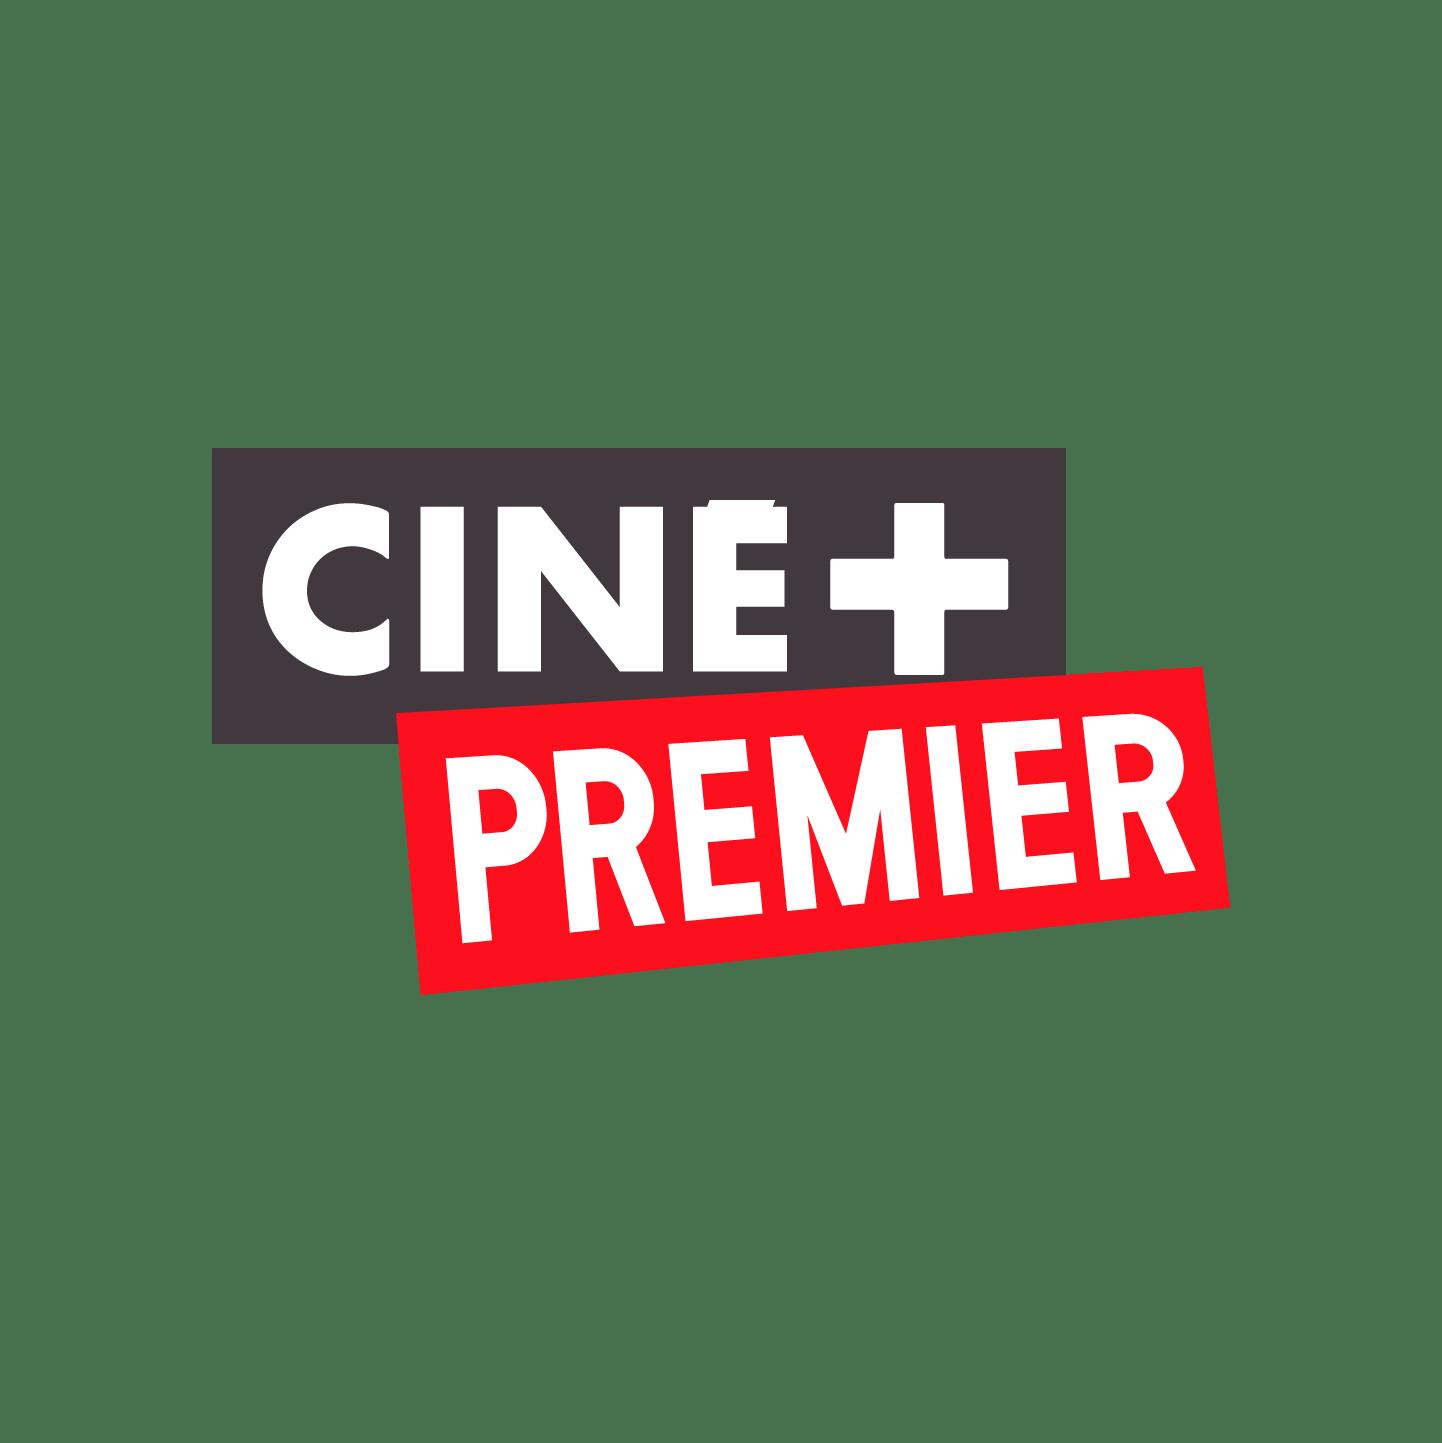 logo Ciné + premier